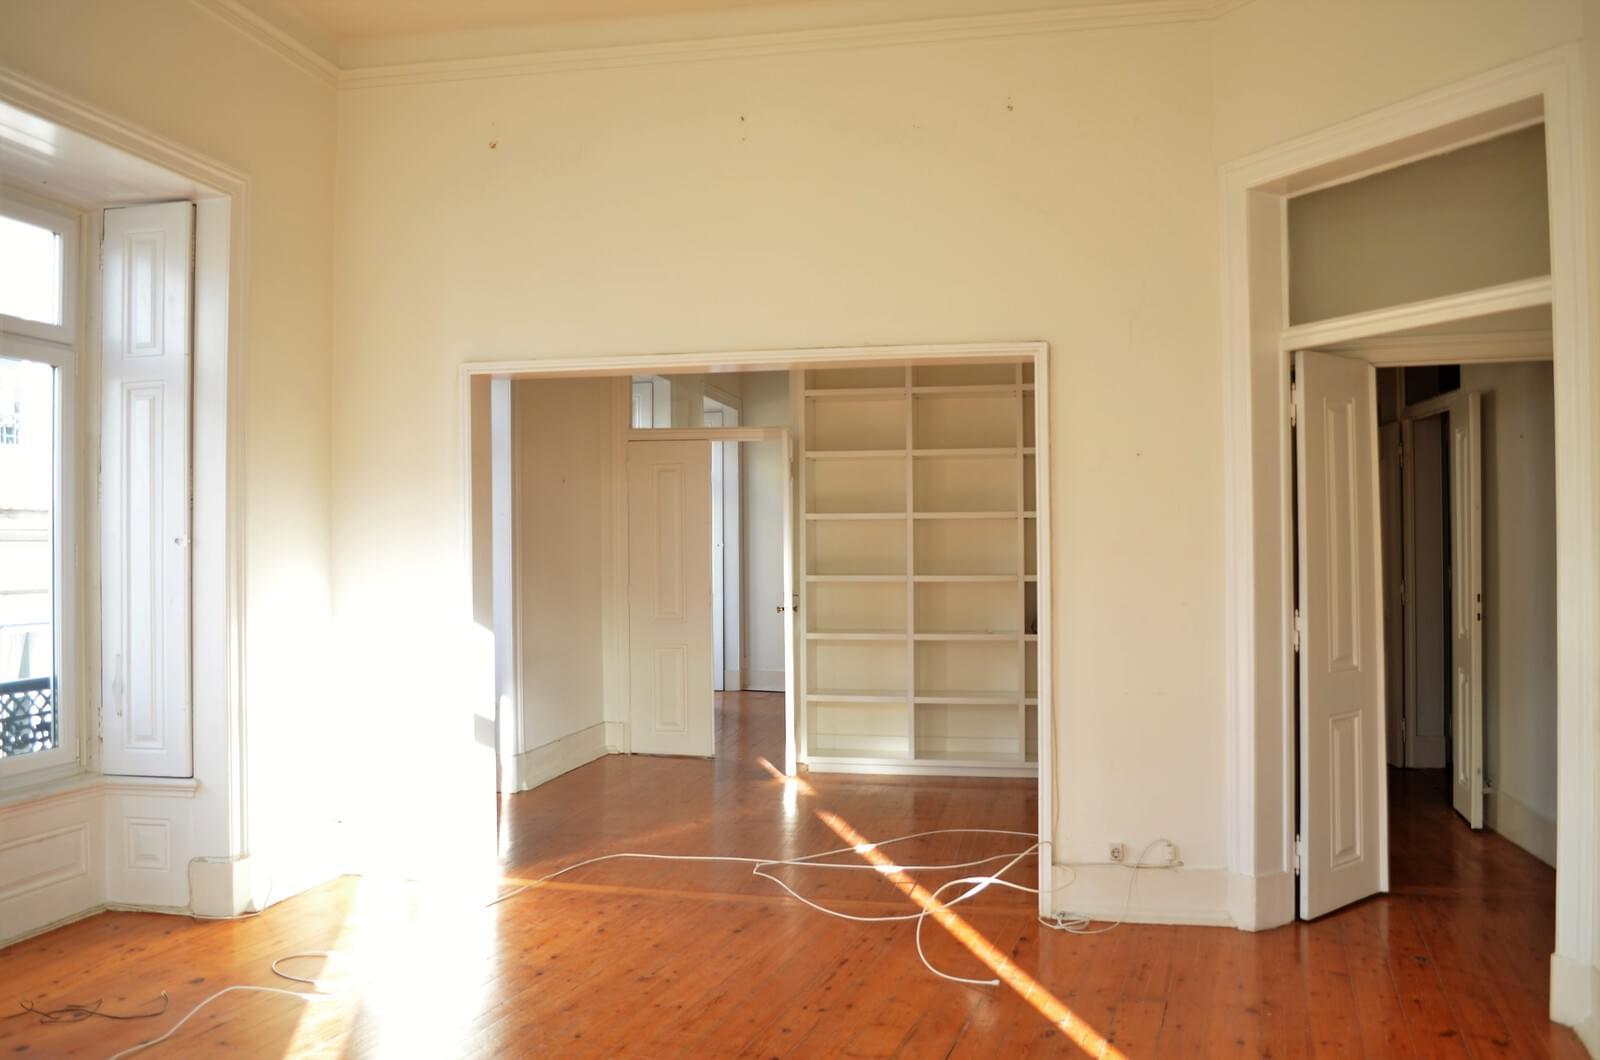 pf18621-apartamento-t4-lisboa-c8b0d511-aef1-4105-8a49-55dd5ac99ee0